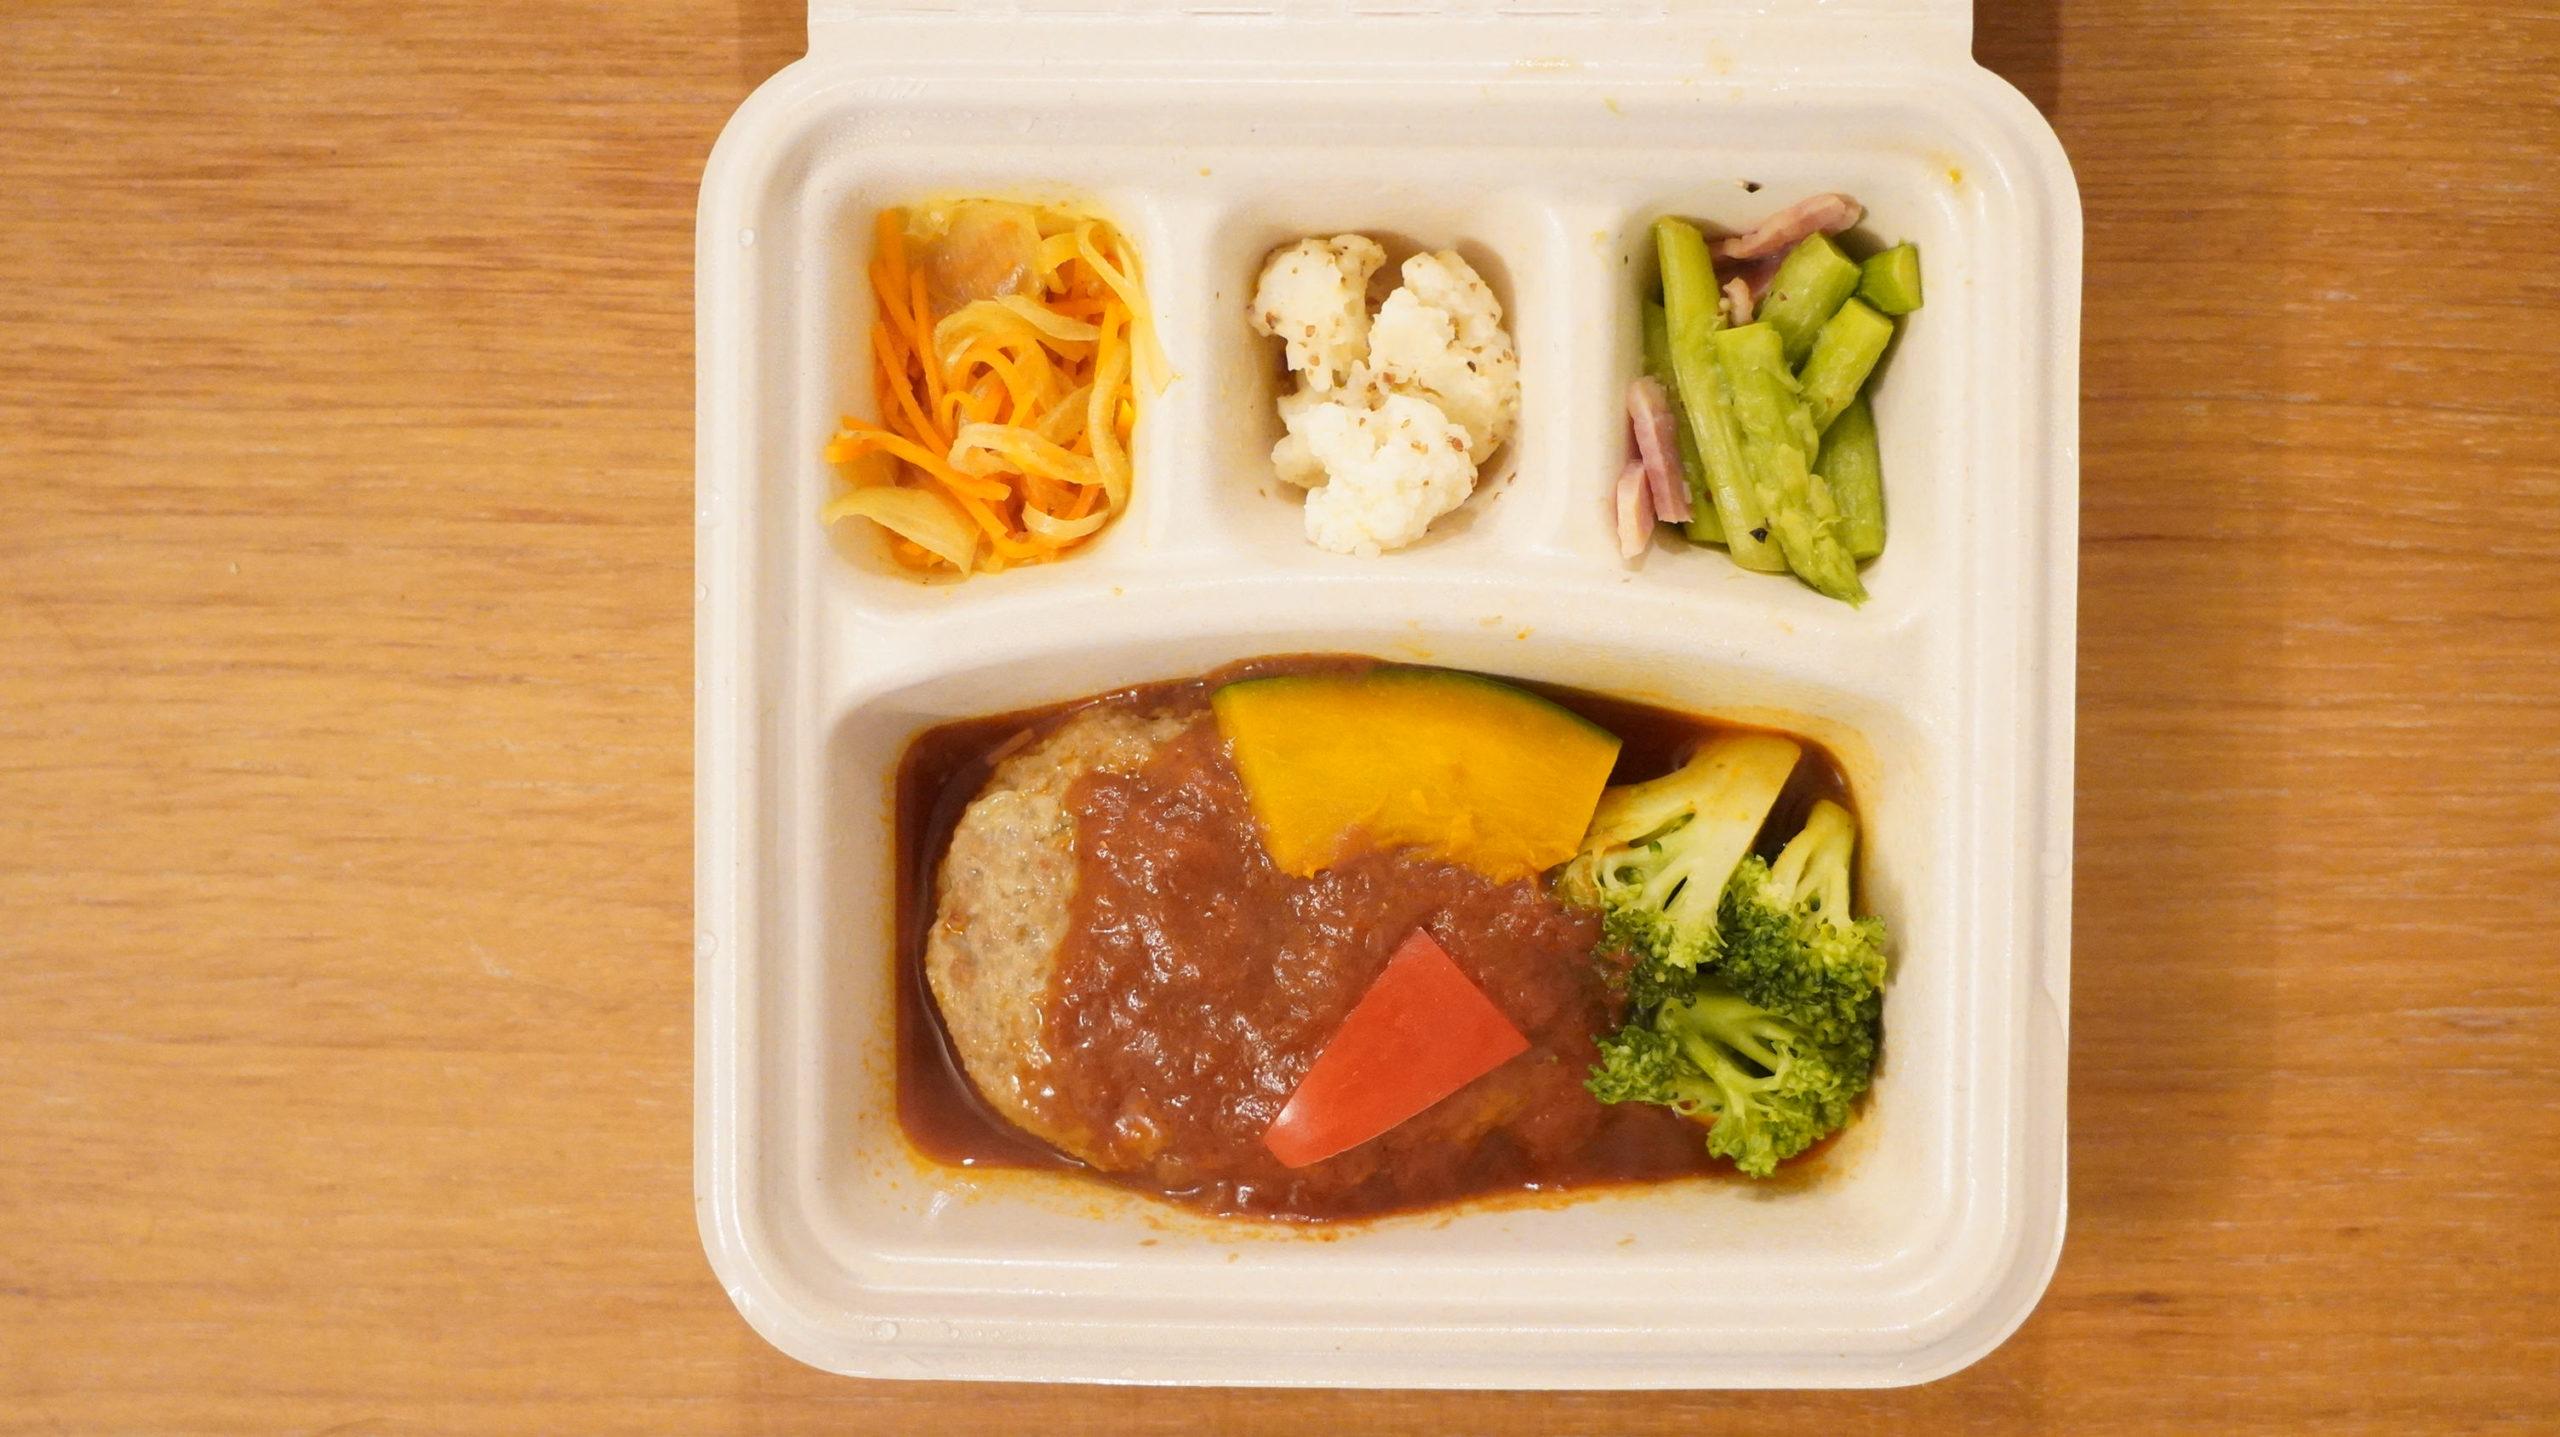 nosh(ナッシュ)の冷凍宅配弁当「ハンバーグと温野菜のデミ」の中身の写真